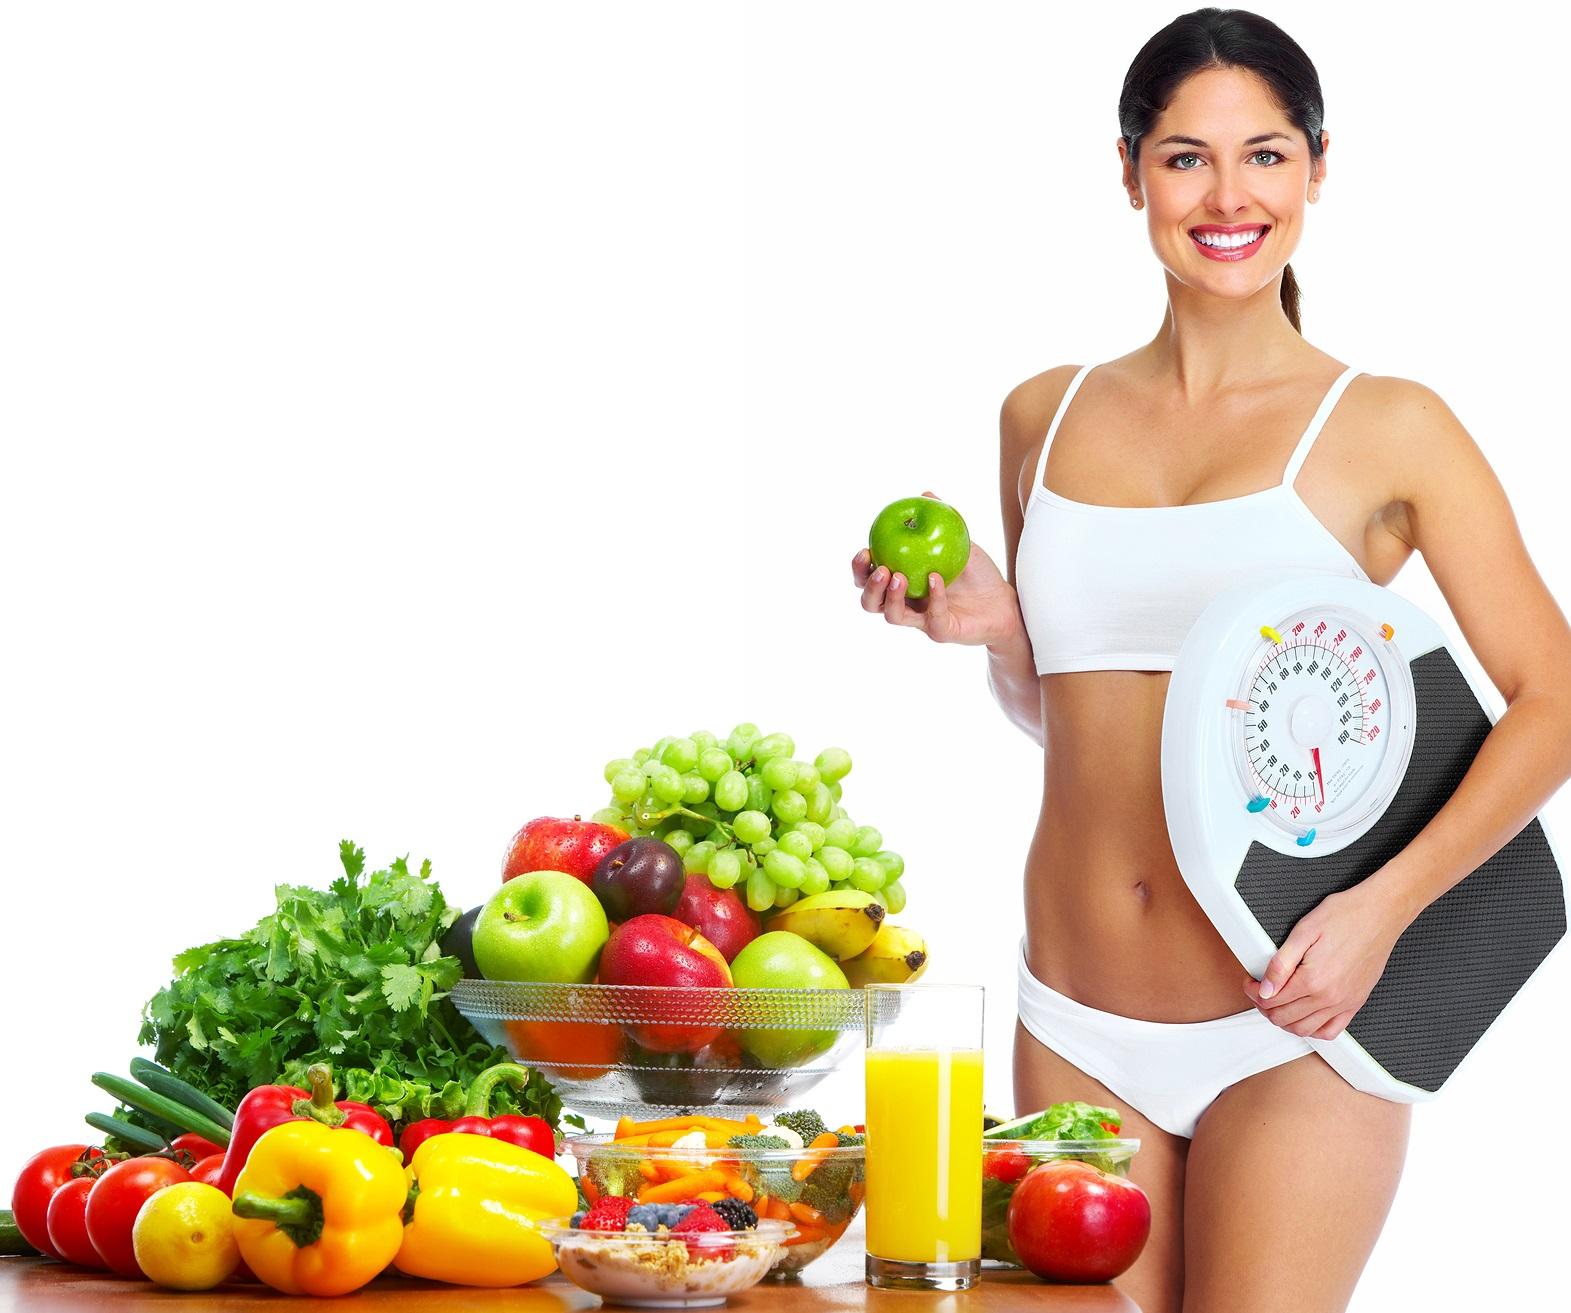 Diete più efficaci per dimagrire